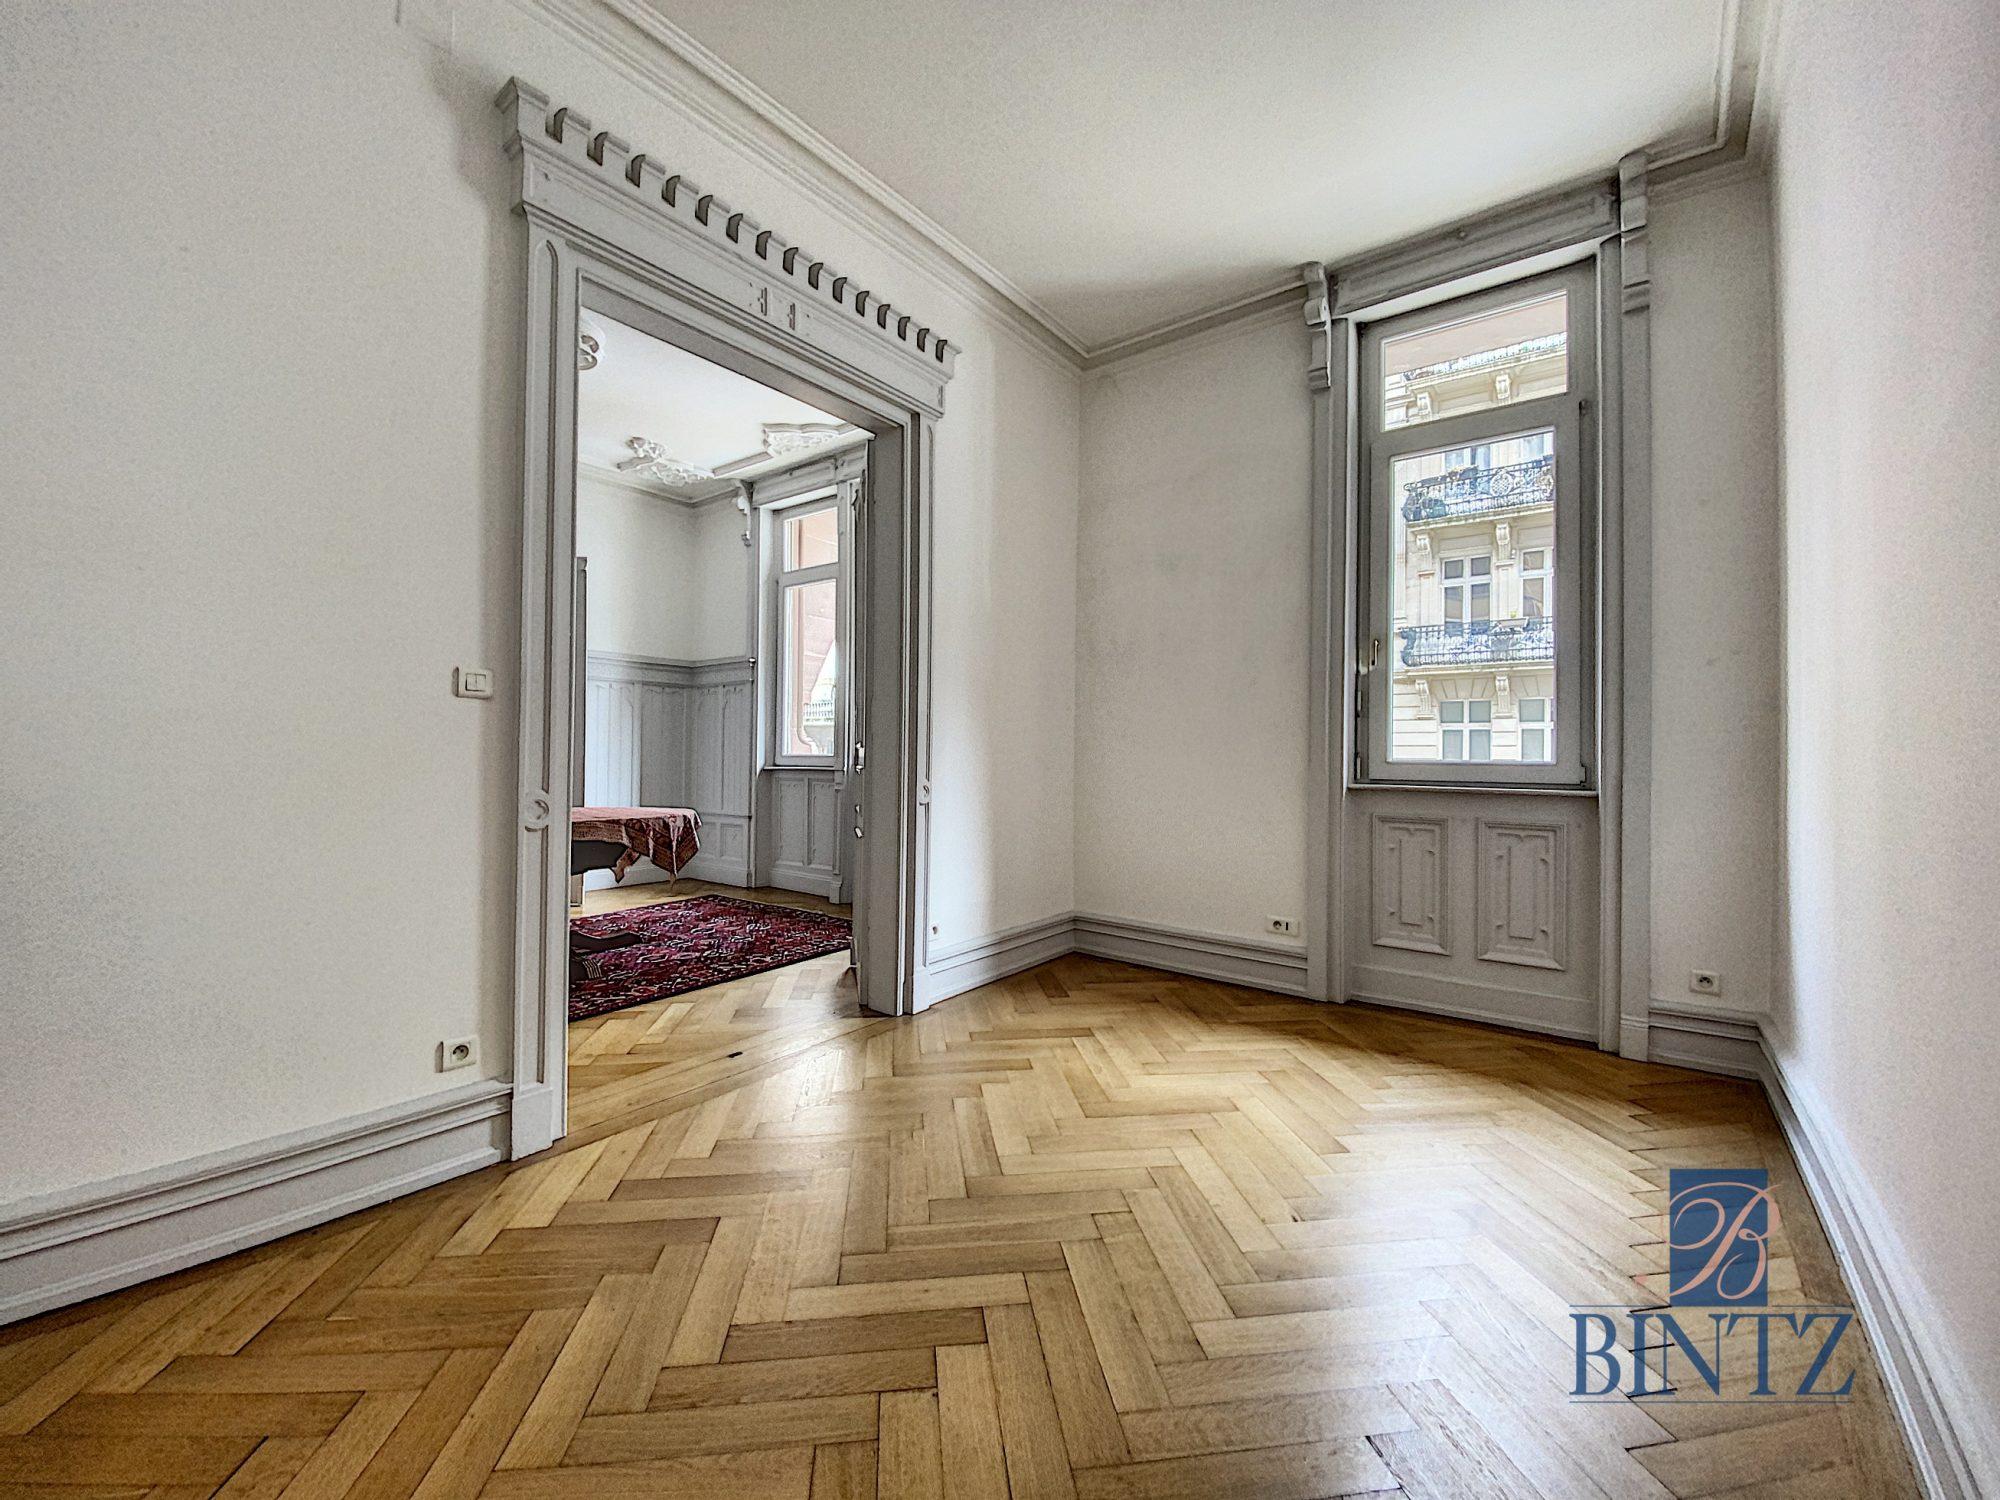 Magnifique 6 pièces de 164m2 Quartier Neustadt - Devenez propriétaire en toute confiance - Bintz Immobilier - 7